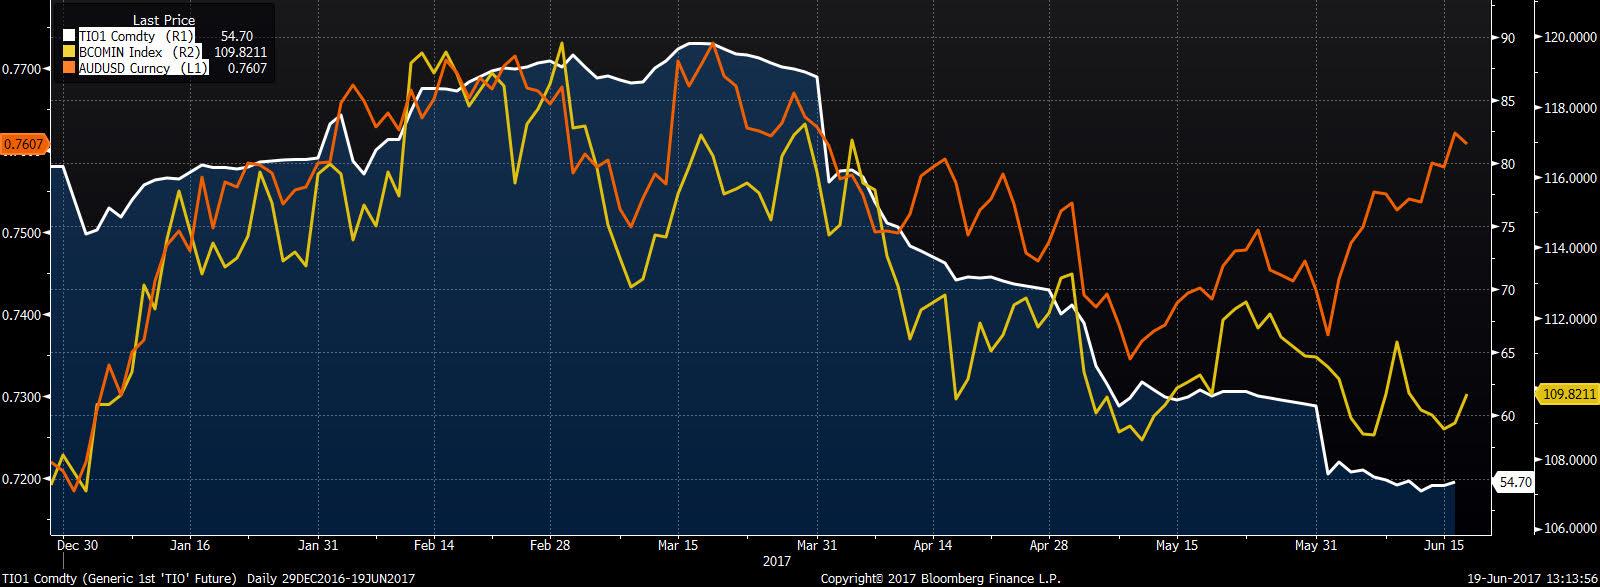 Bloomberg industrial metals subindex (żółty), ruda żelaza (biały), AUD/USD (pomarańczowy)